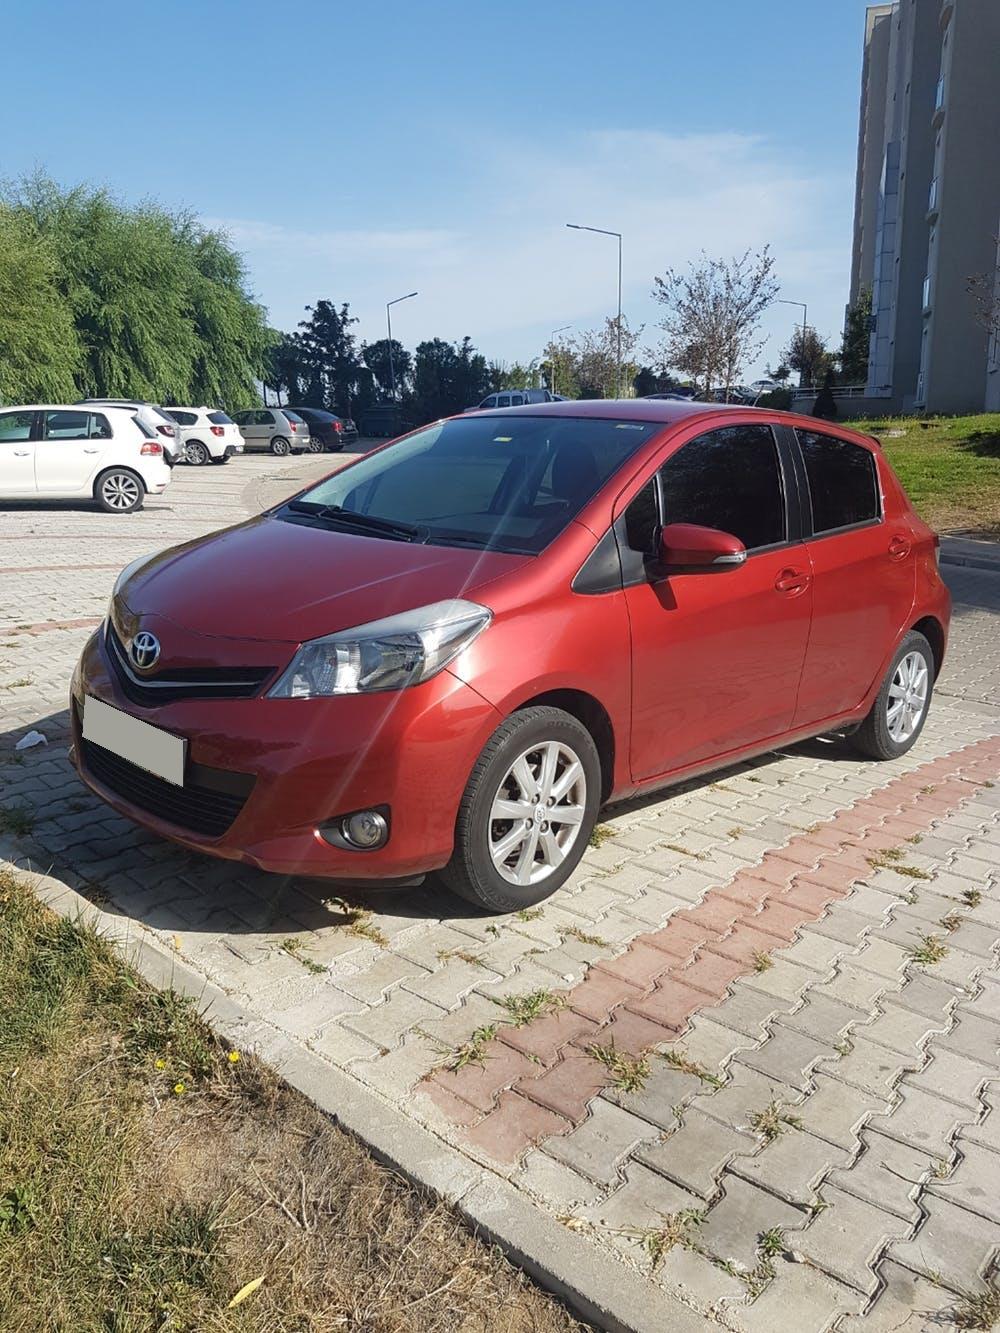 TOYOTA Yaris 2013 Model Benzin Otomatik Vites Kiralik Araç - 9E29